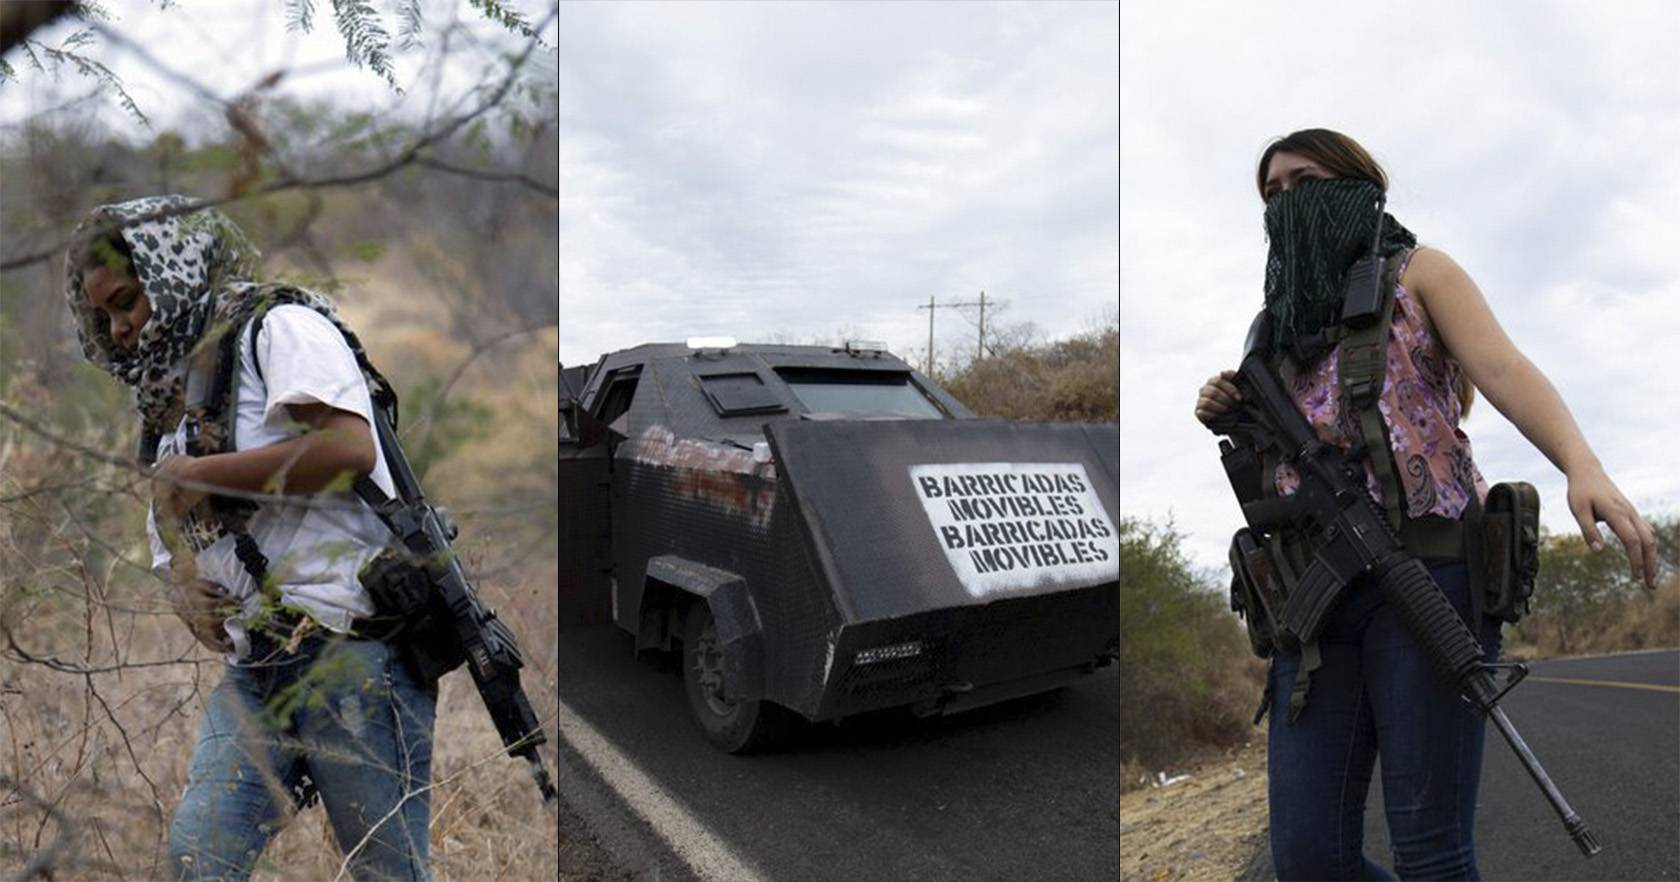 """Ni """"Autodefensas"""" ni """"Embarazadas"""", las Mujeres que decían ser Autodefensas en Michoacán son integrantes del Cartel de Los Viagras"""